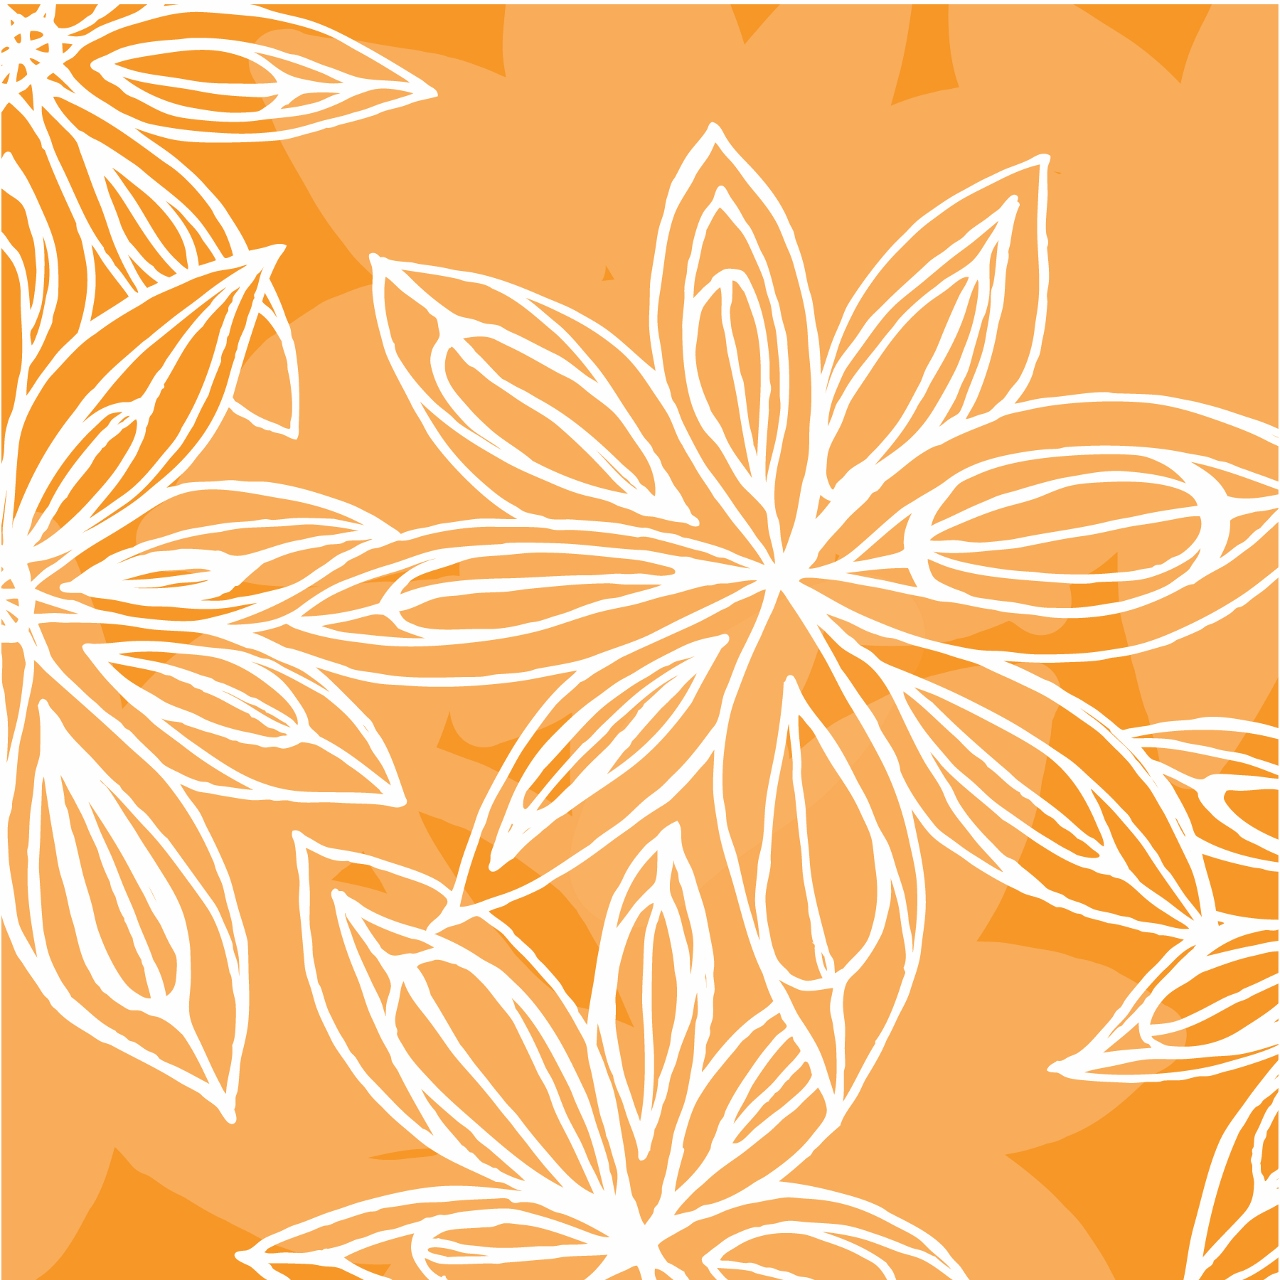 Herbalist Patterns Color 2-06 (1280x1280).jpg